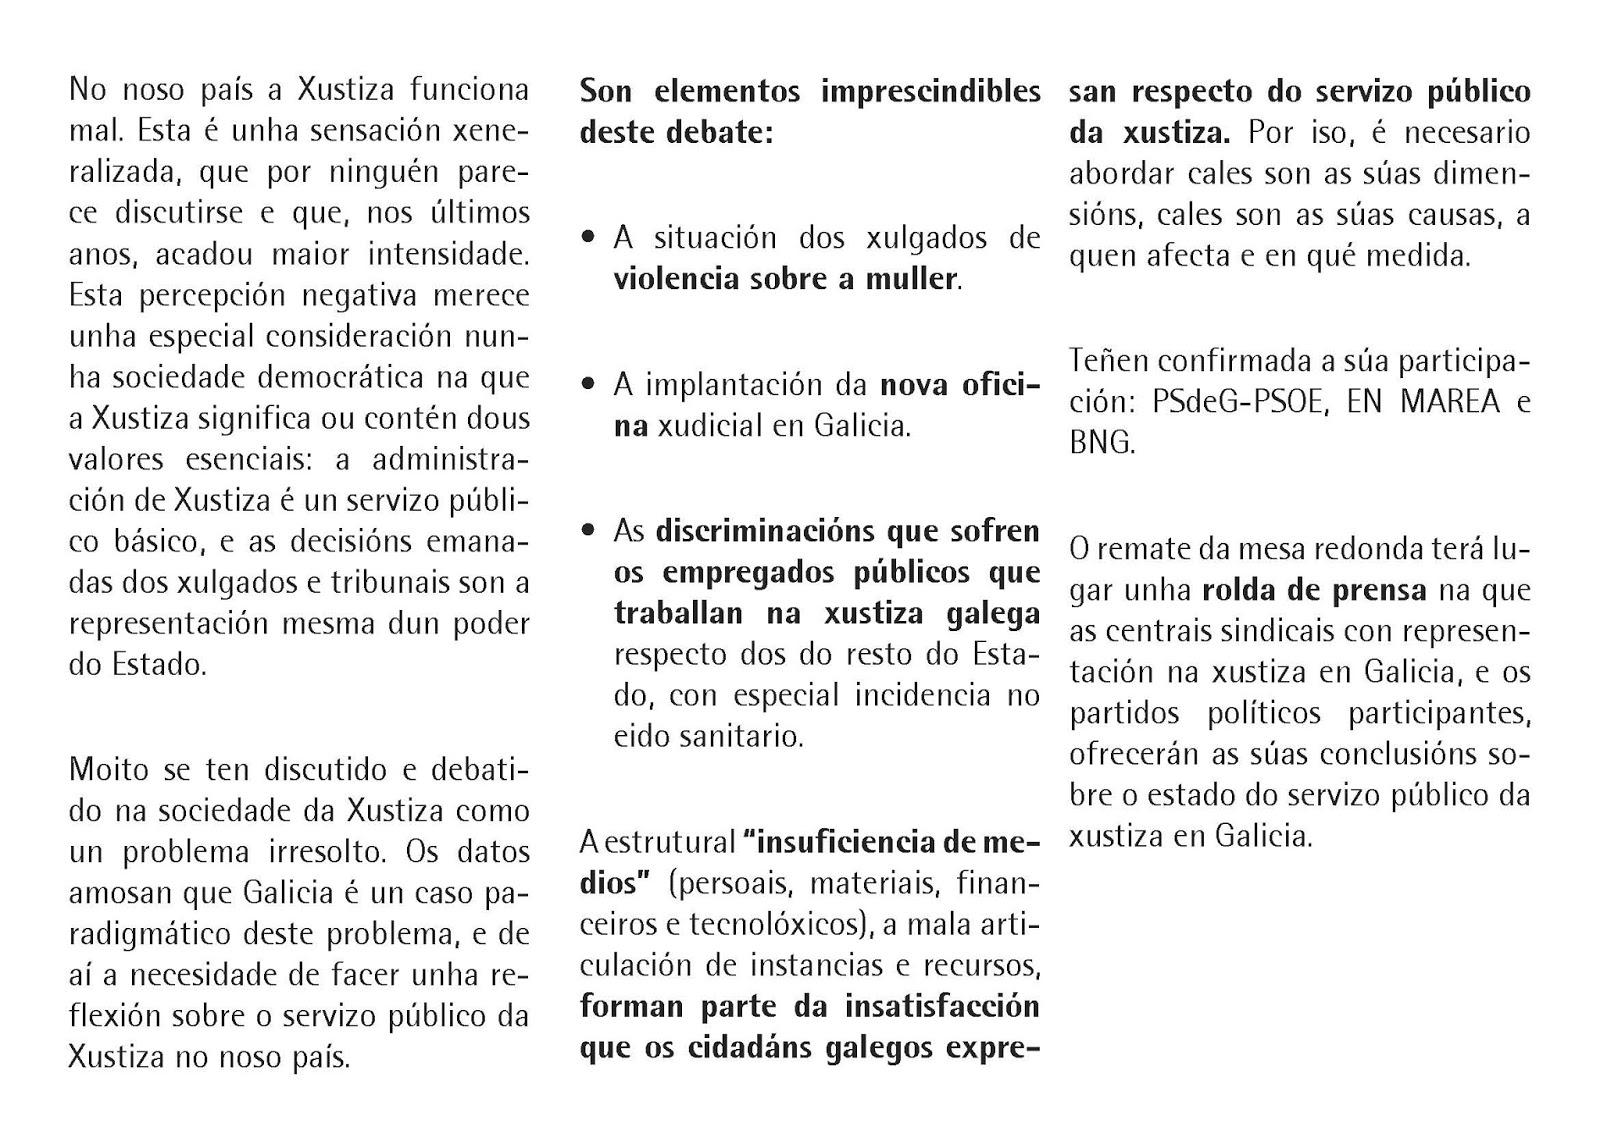 O servizo público da xustiza en Galicia